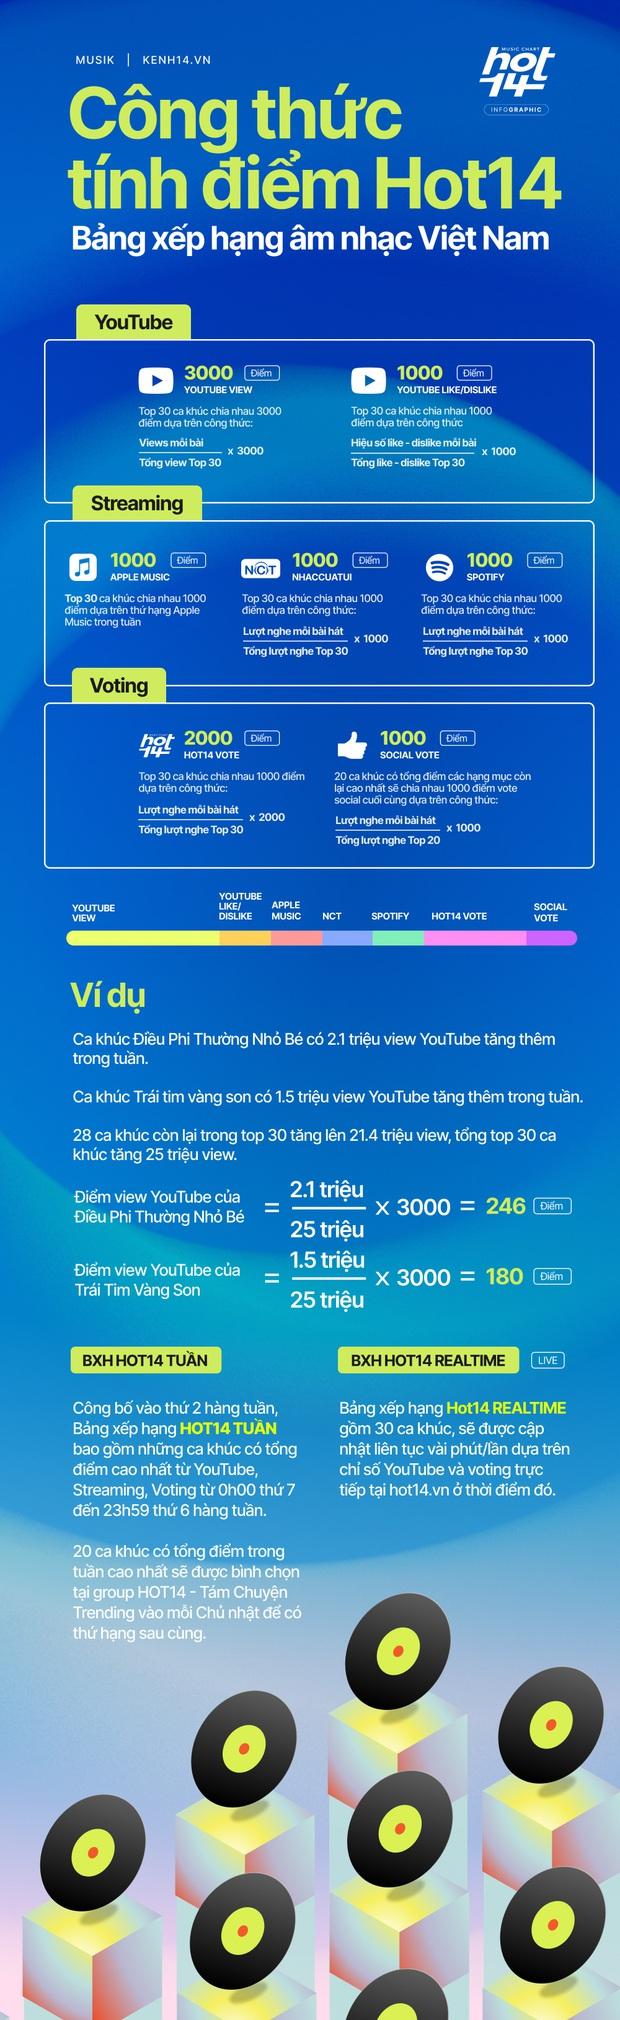 Lần đầu tiên Việt Nam có bảng xếp hạng tổng hợp nhiều nền tảng: công thức chuẩn quốc tế tương tự Billboard, iChart - Ảnh 1.